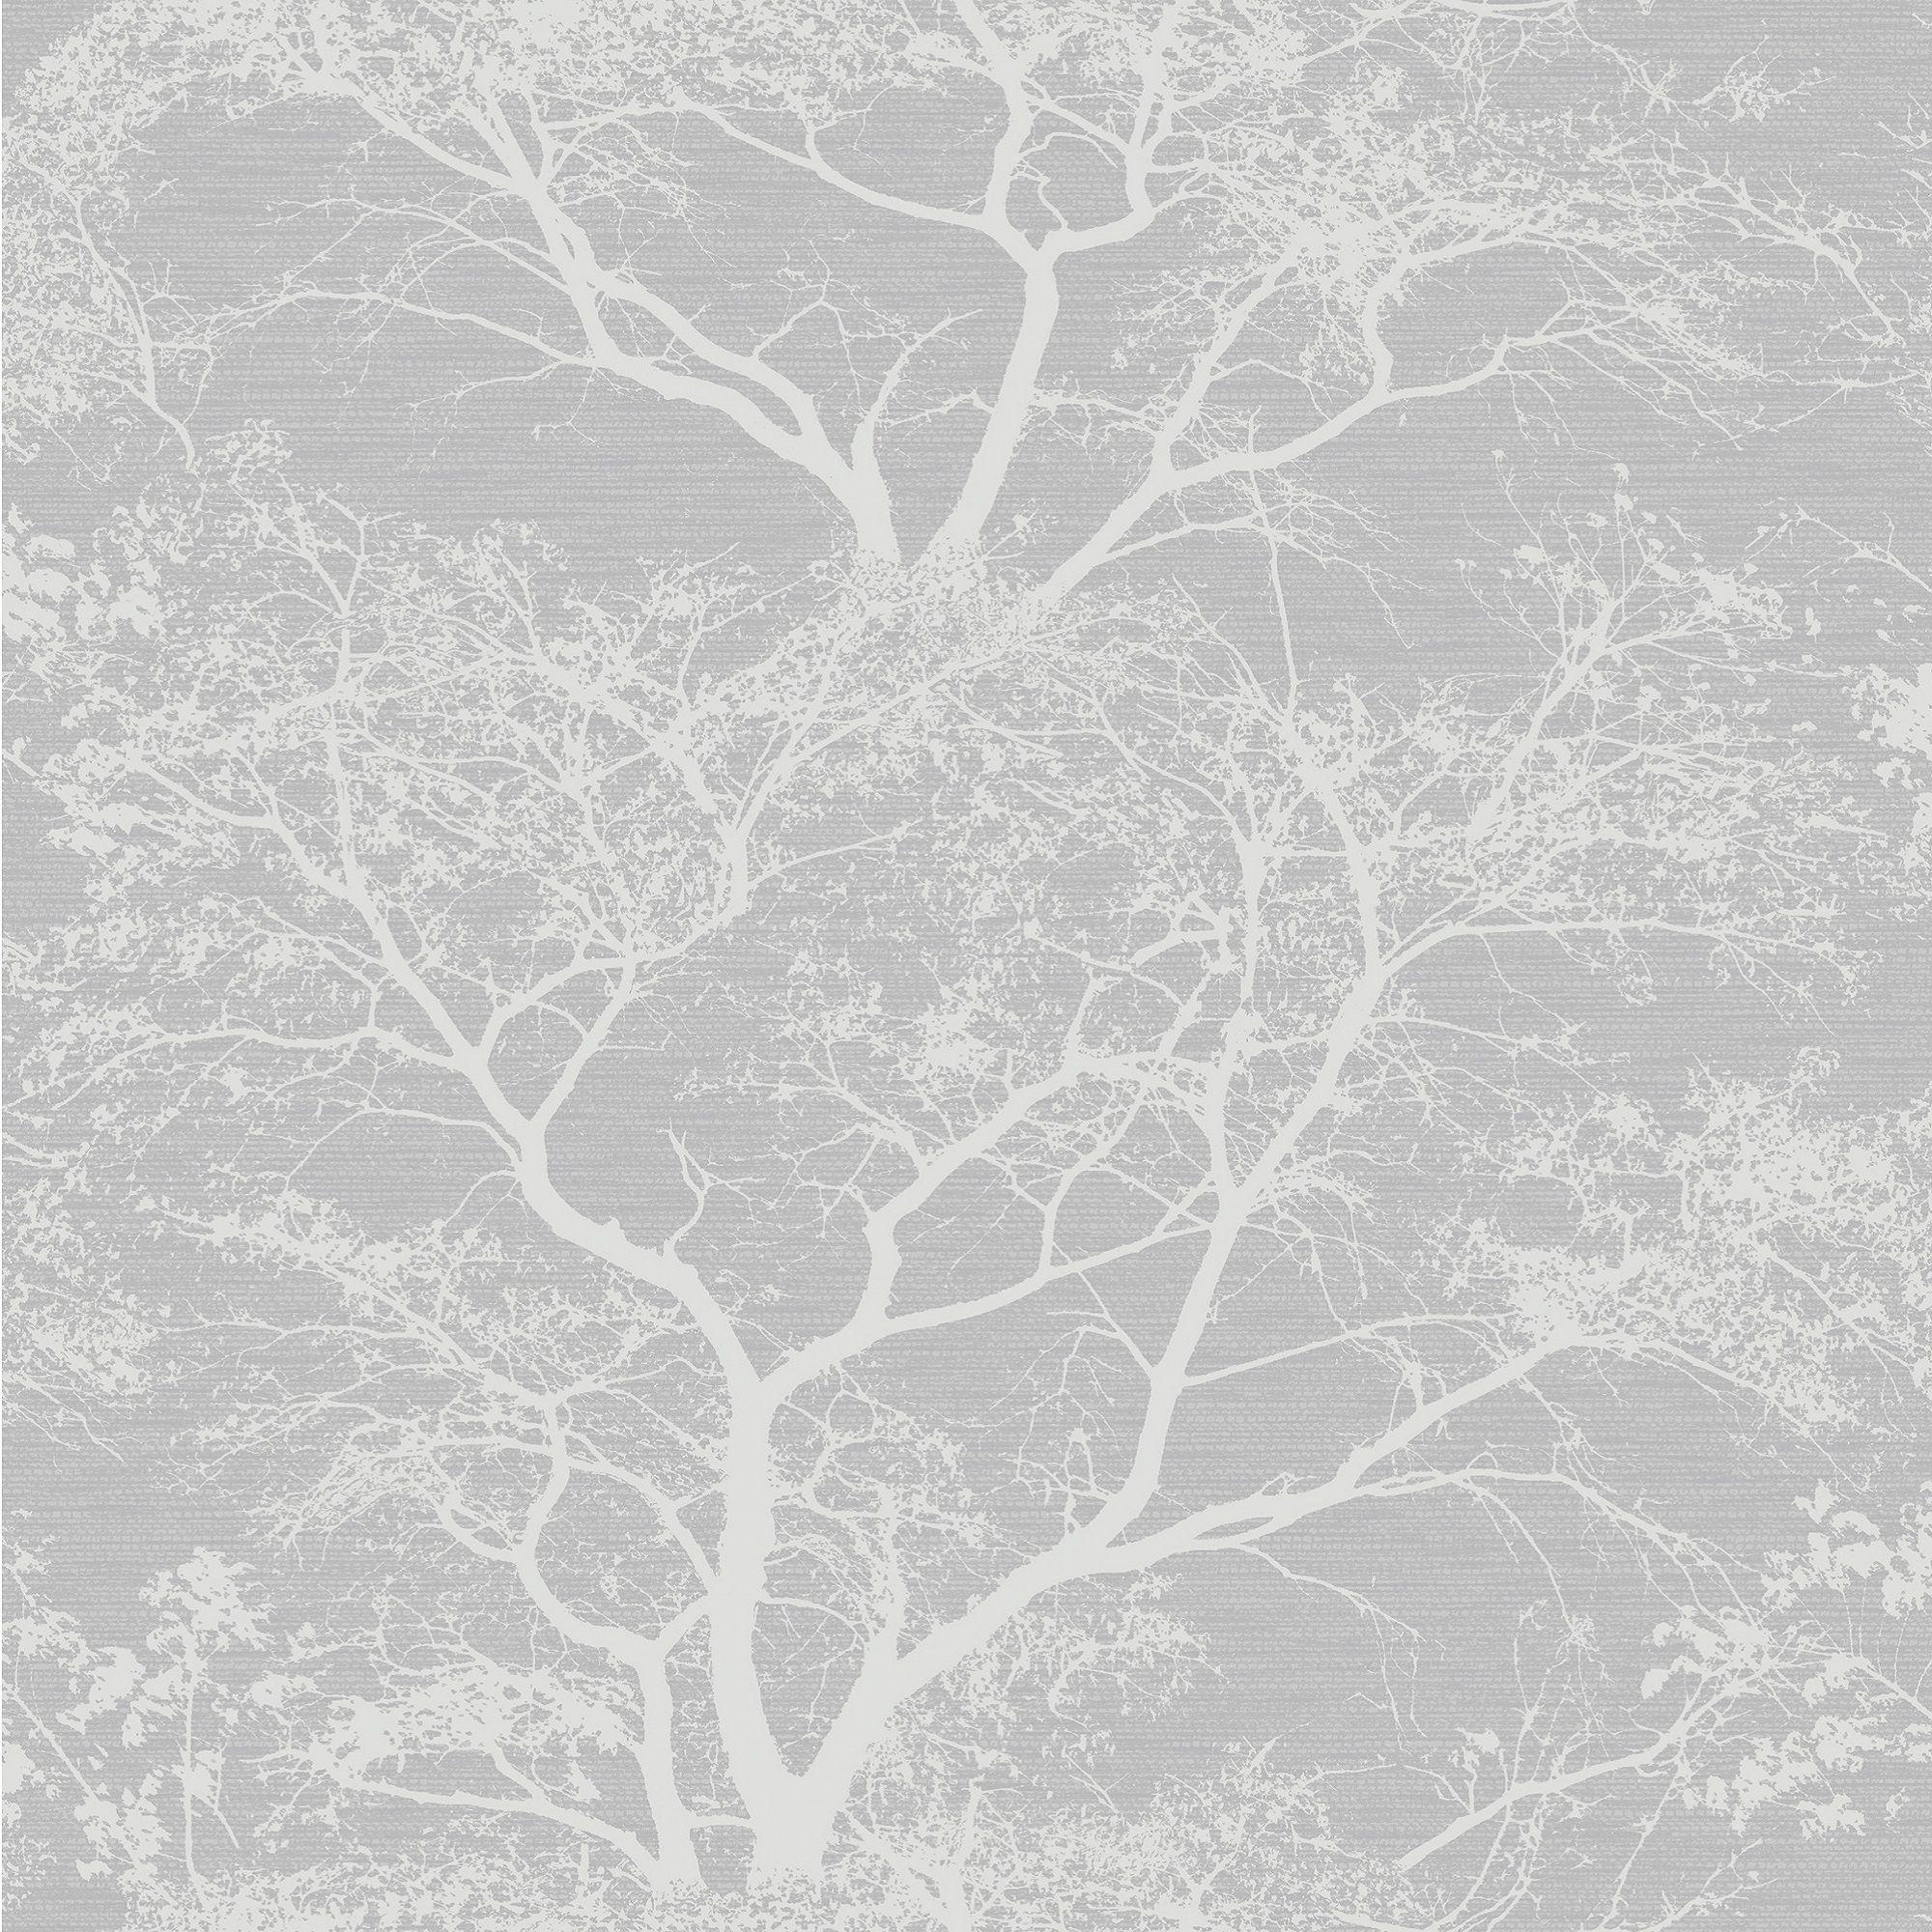 Holden Grey Whispering Trees Glitter Effect Textured Wallpaper